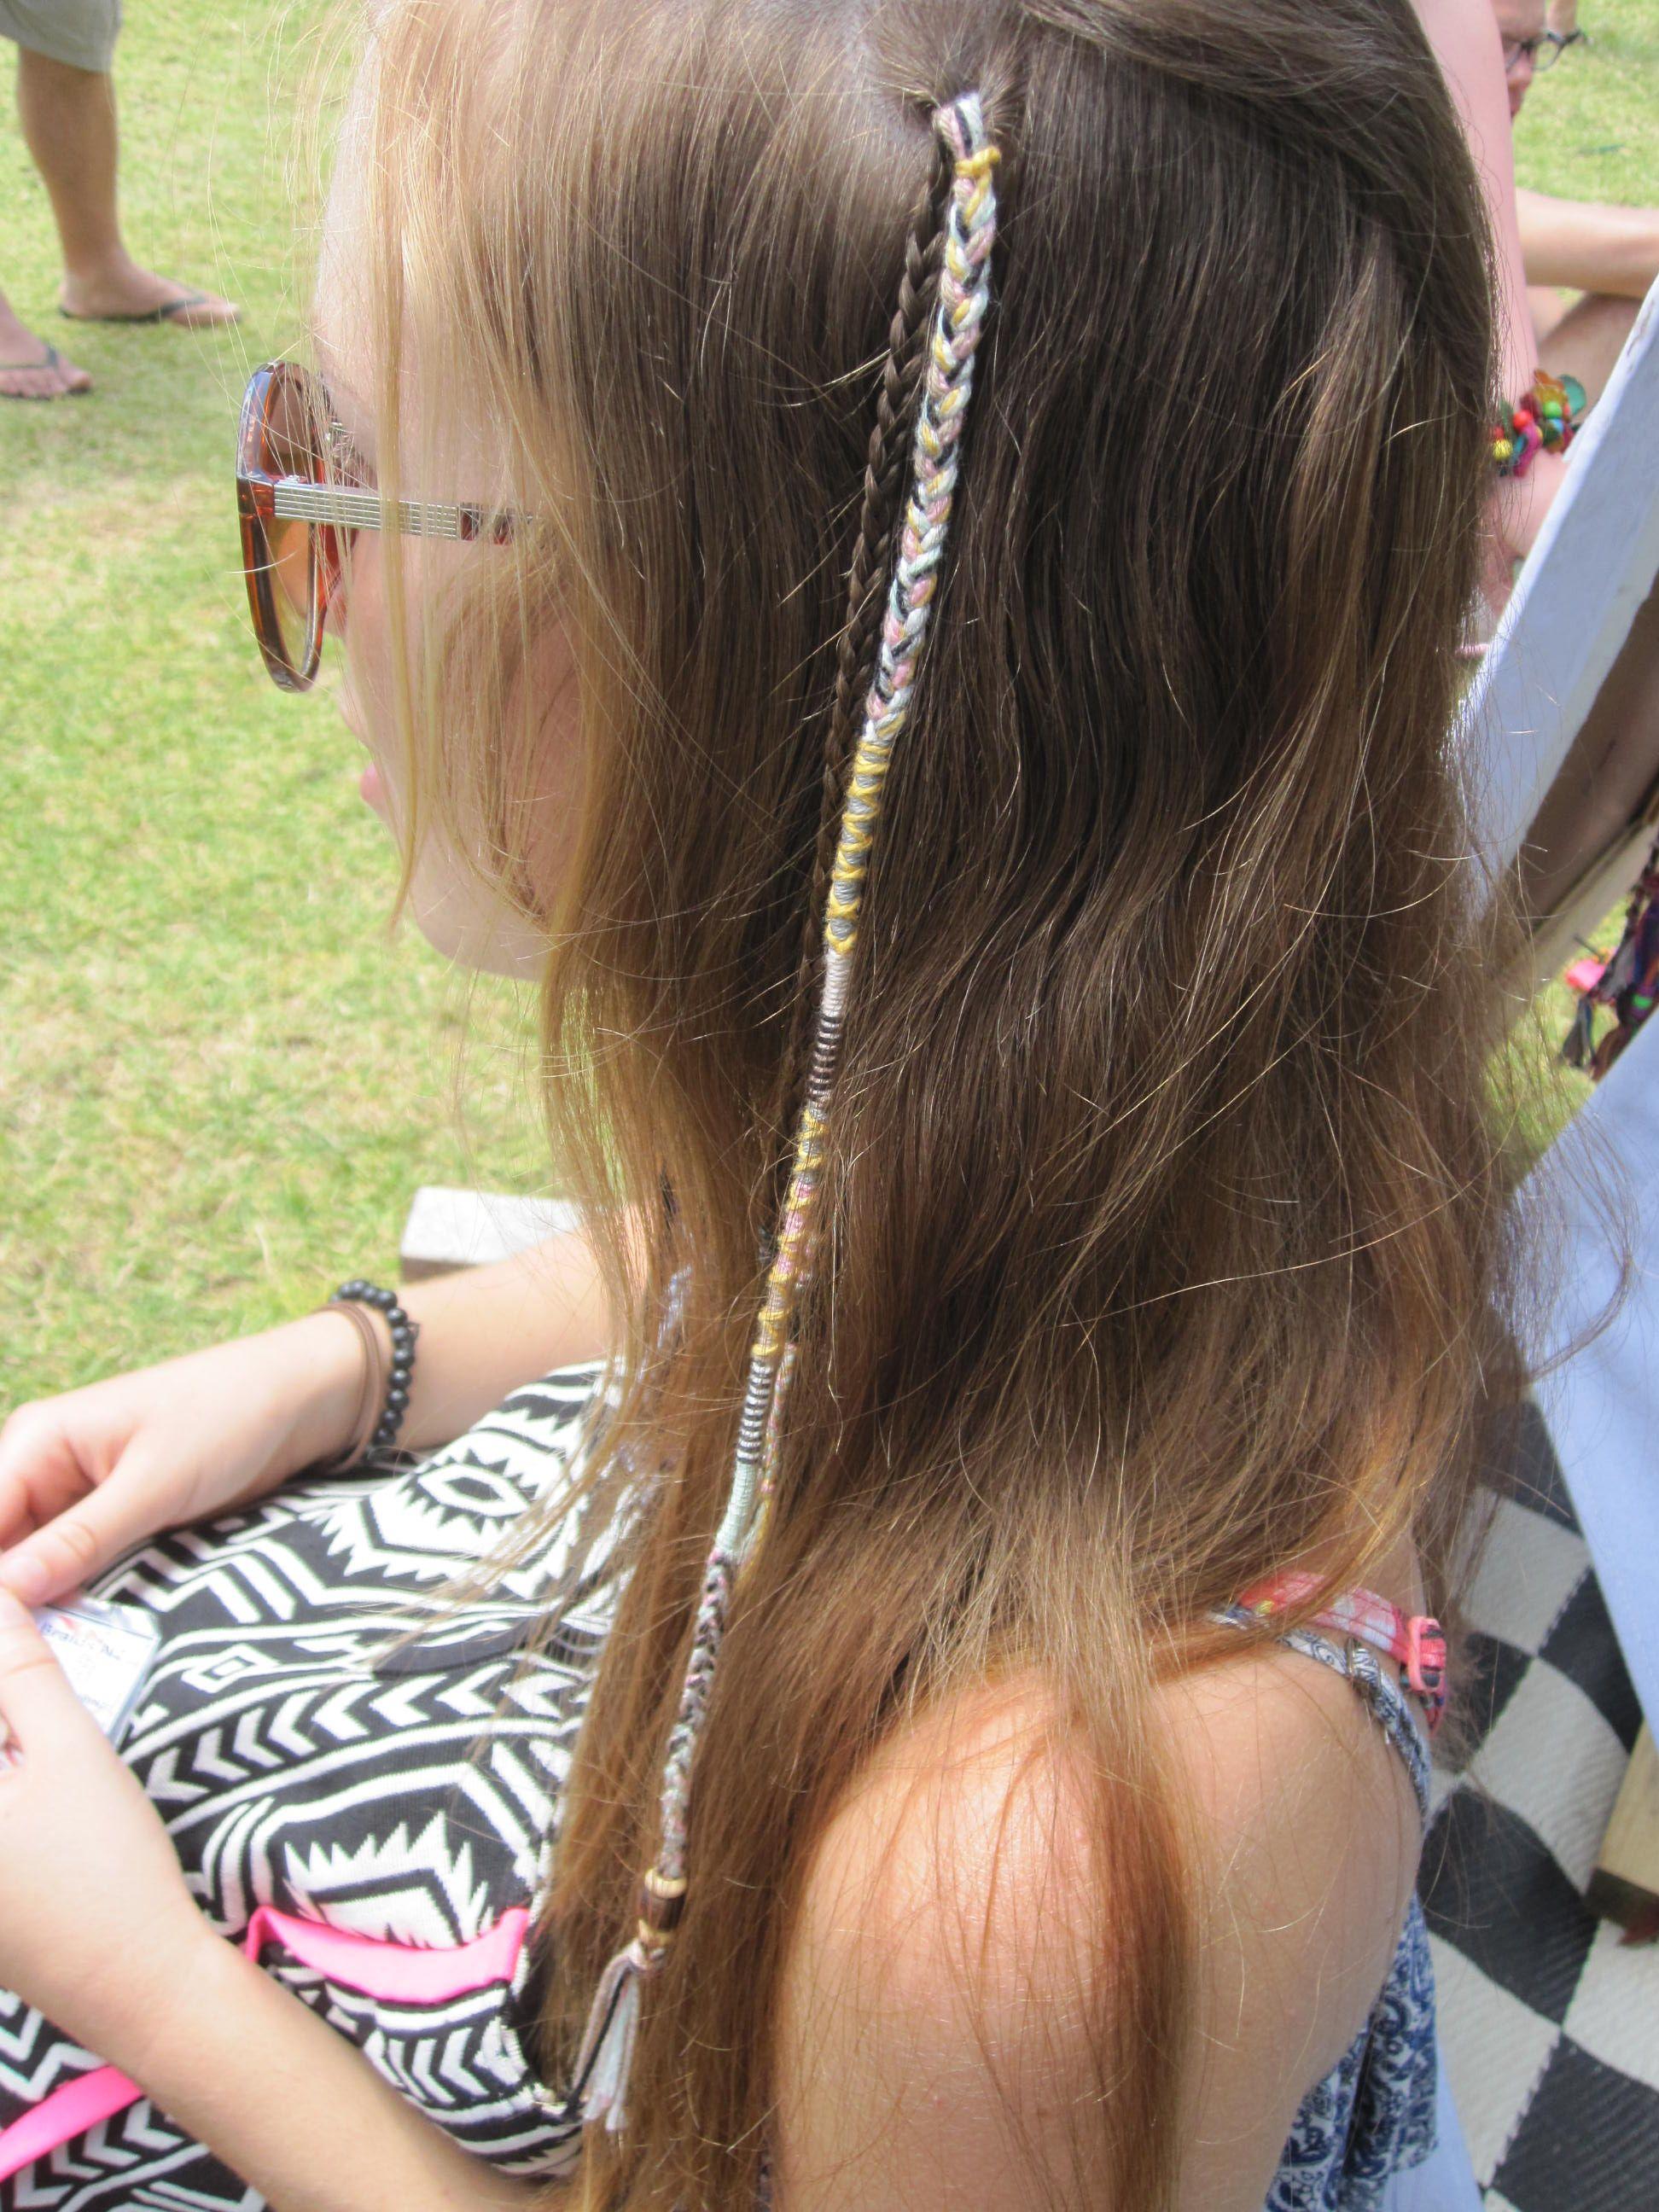 Hair Braid Hair Wrap Hair Braids Nz Hair Wraps Nz Hair Braids New Zealand Hair Wraps New Zealand Island Hair Braids With Beads Hair Styles Hair Wrap Diy